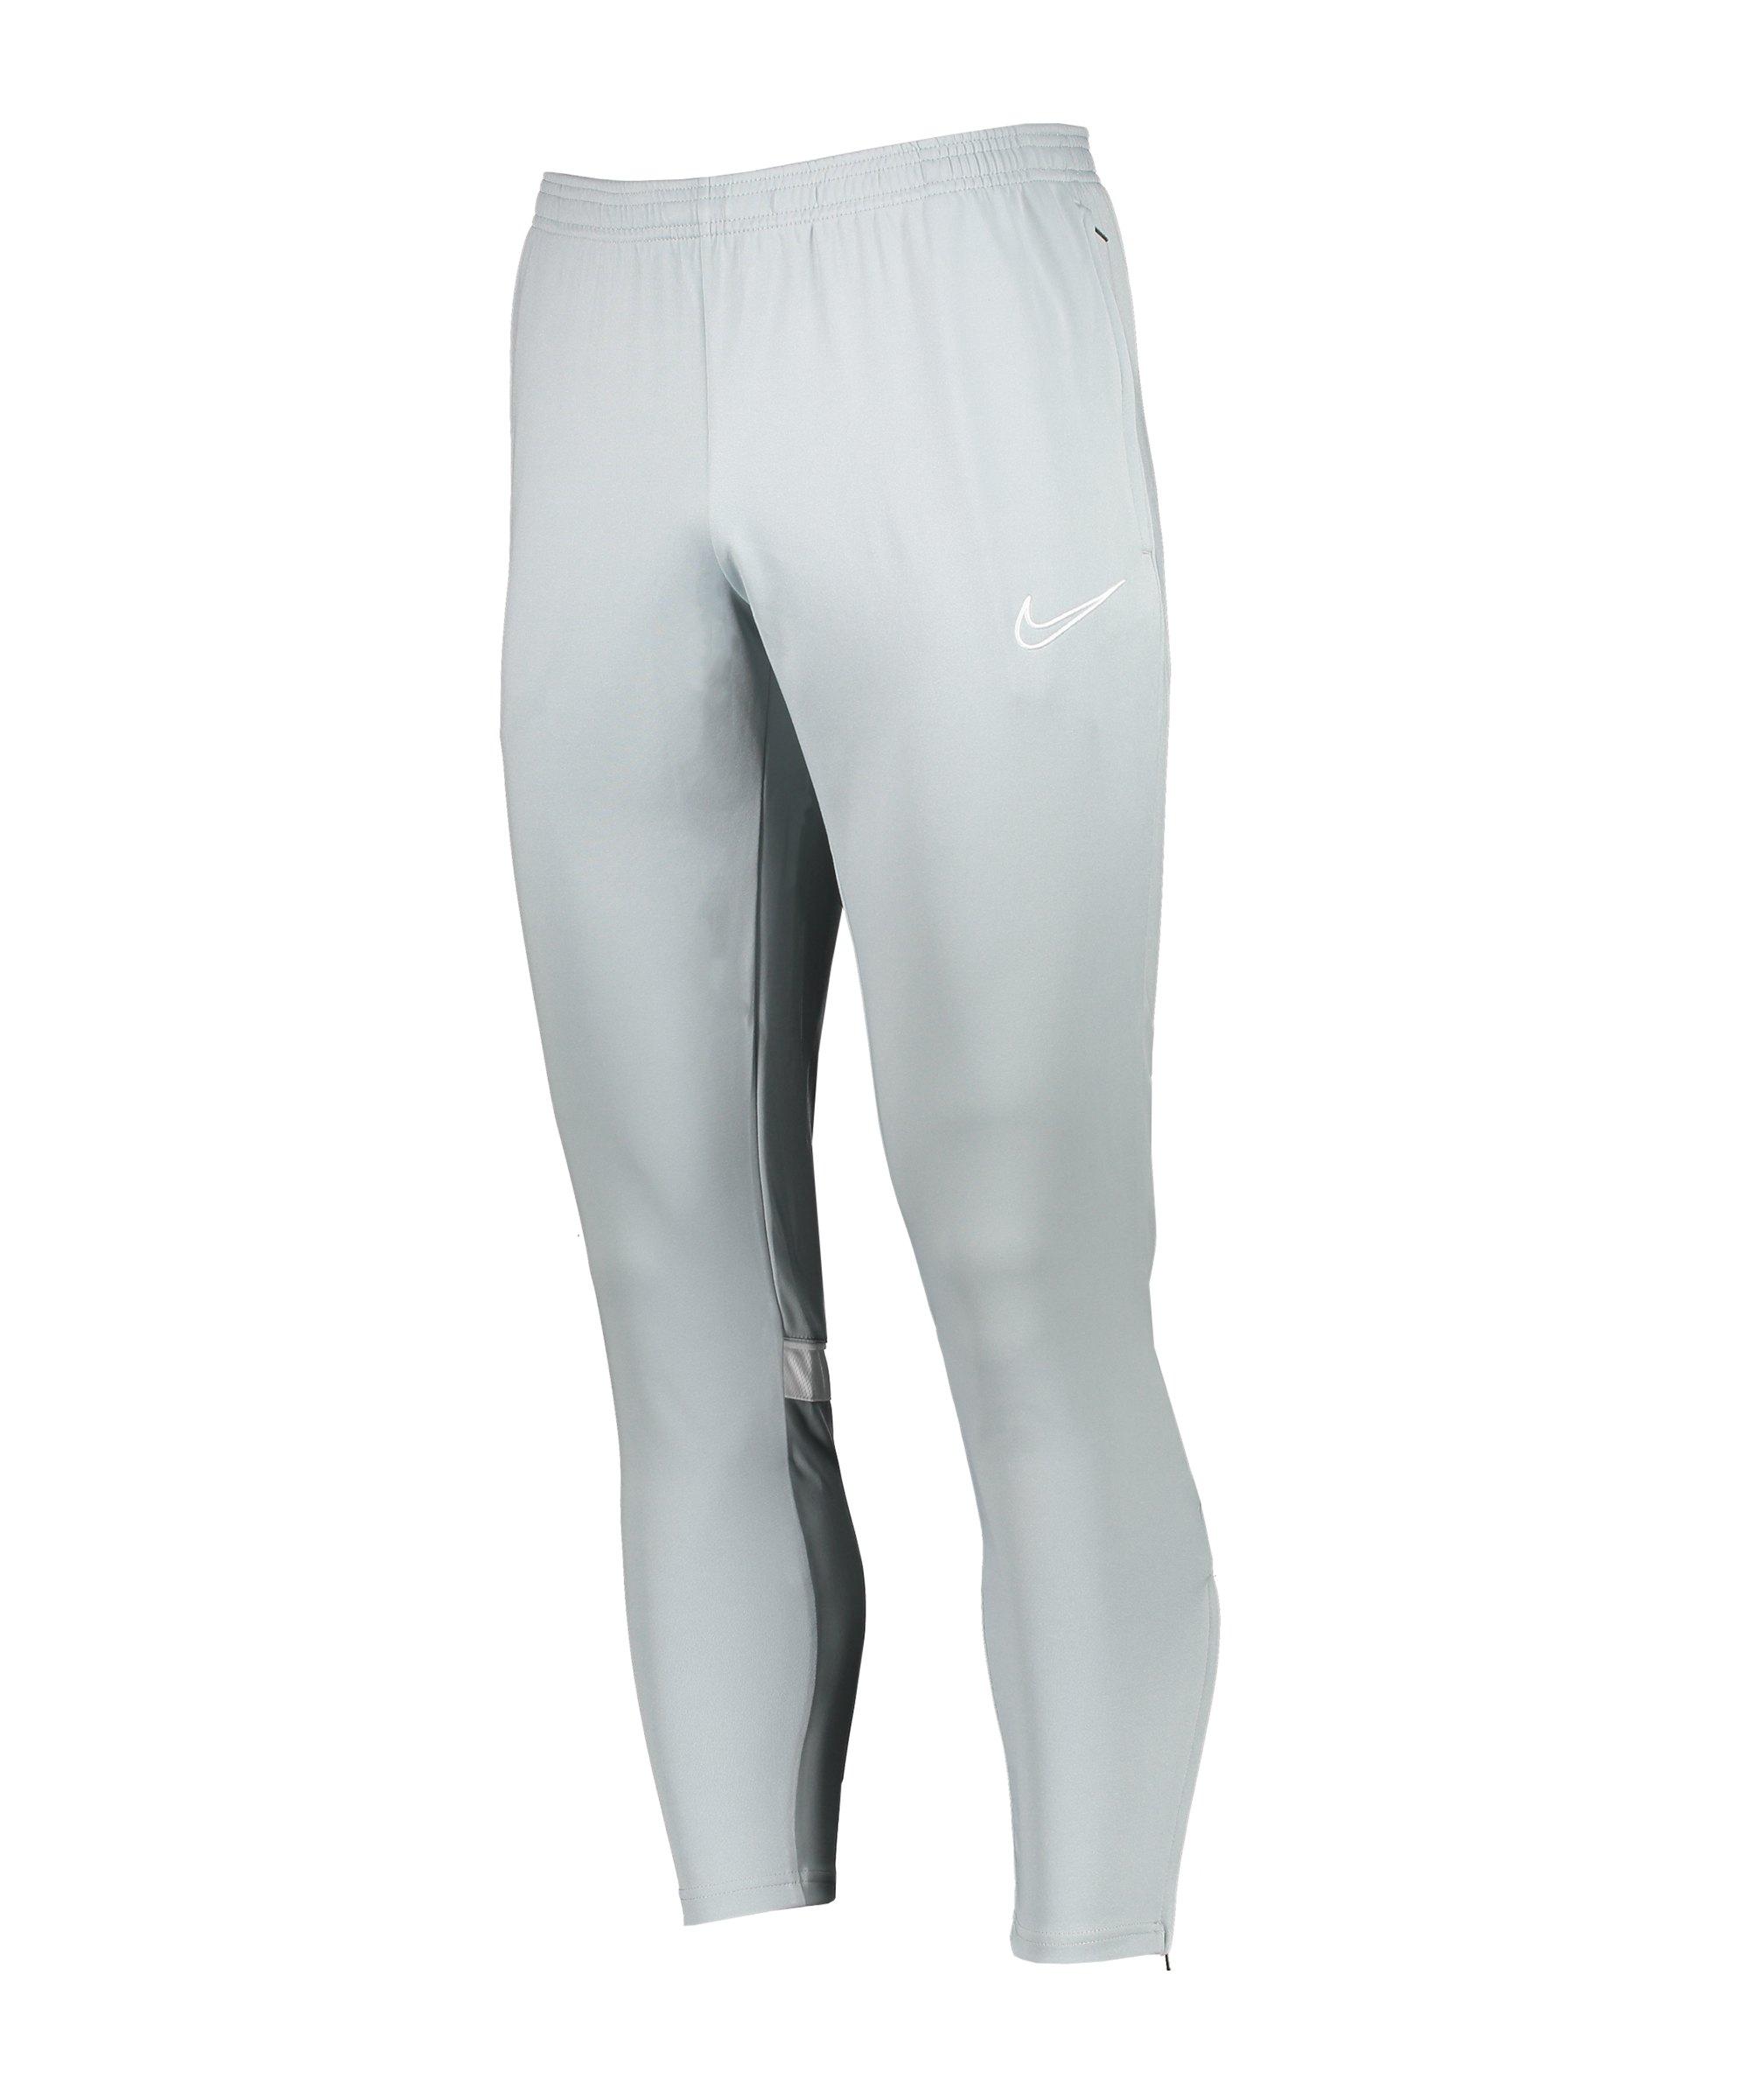 Nike Academy 21 Trainigshose Grau F019 - grau